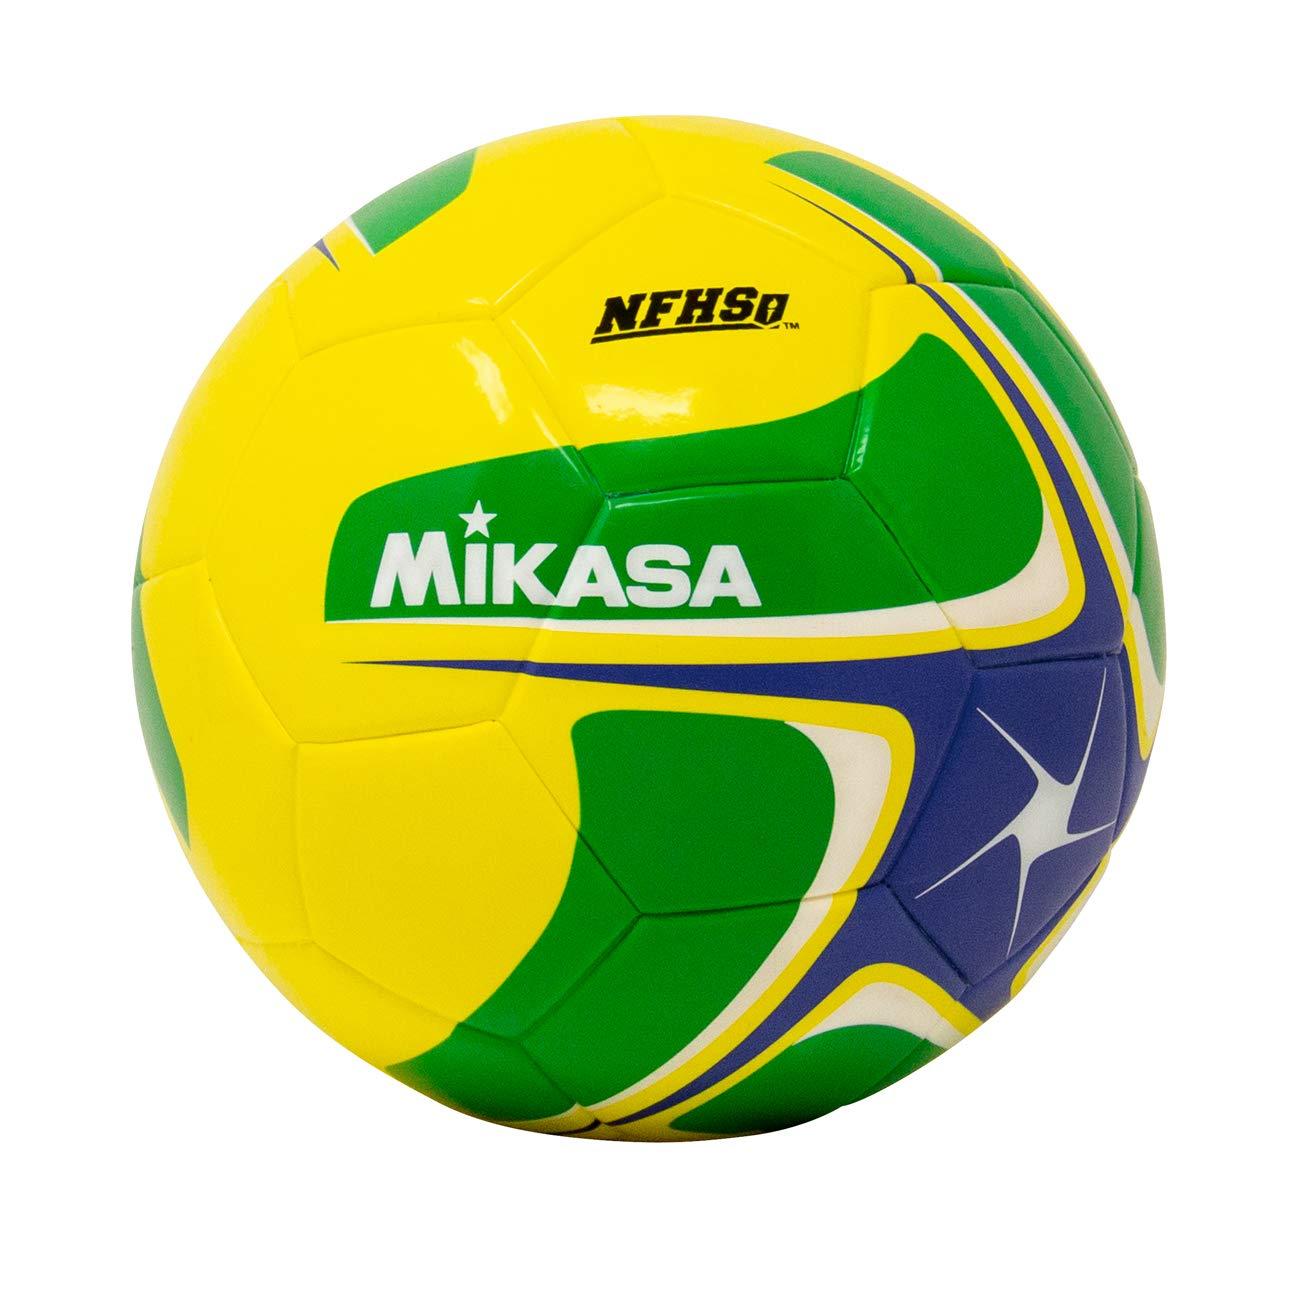 Mikasa D58 SCE Series Pelota de fútbol: Amazon.es: Deportes y aire ...